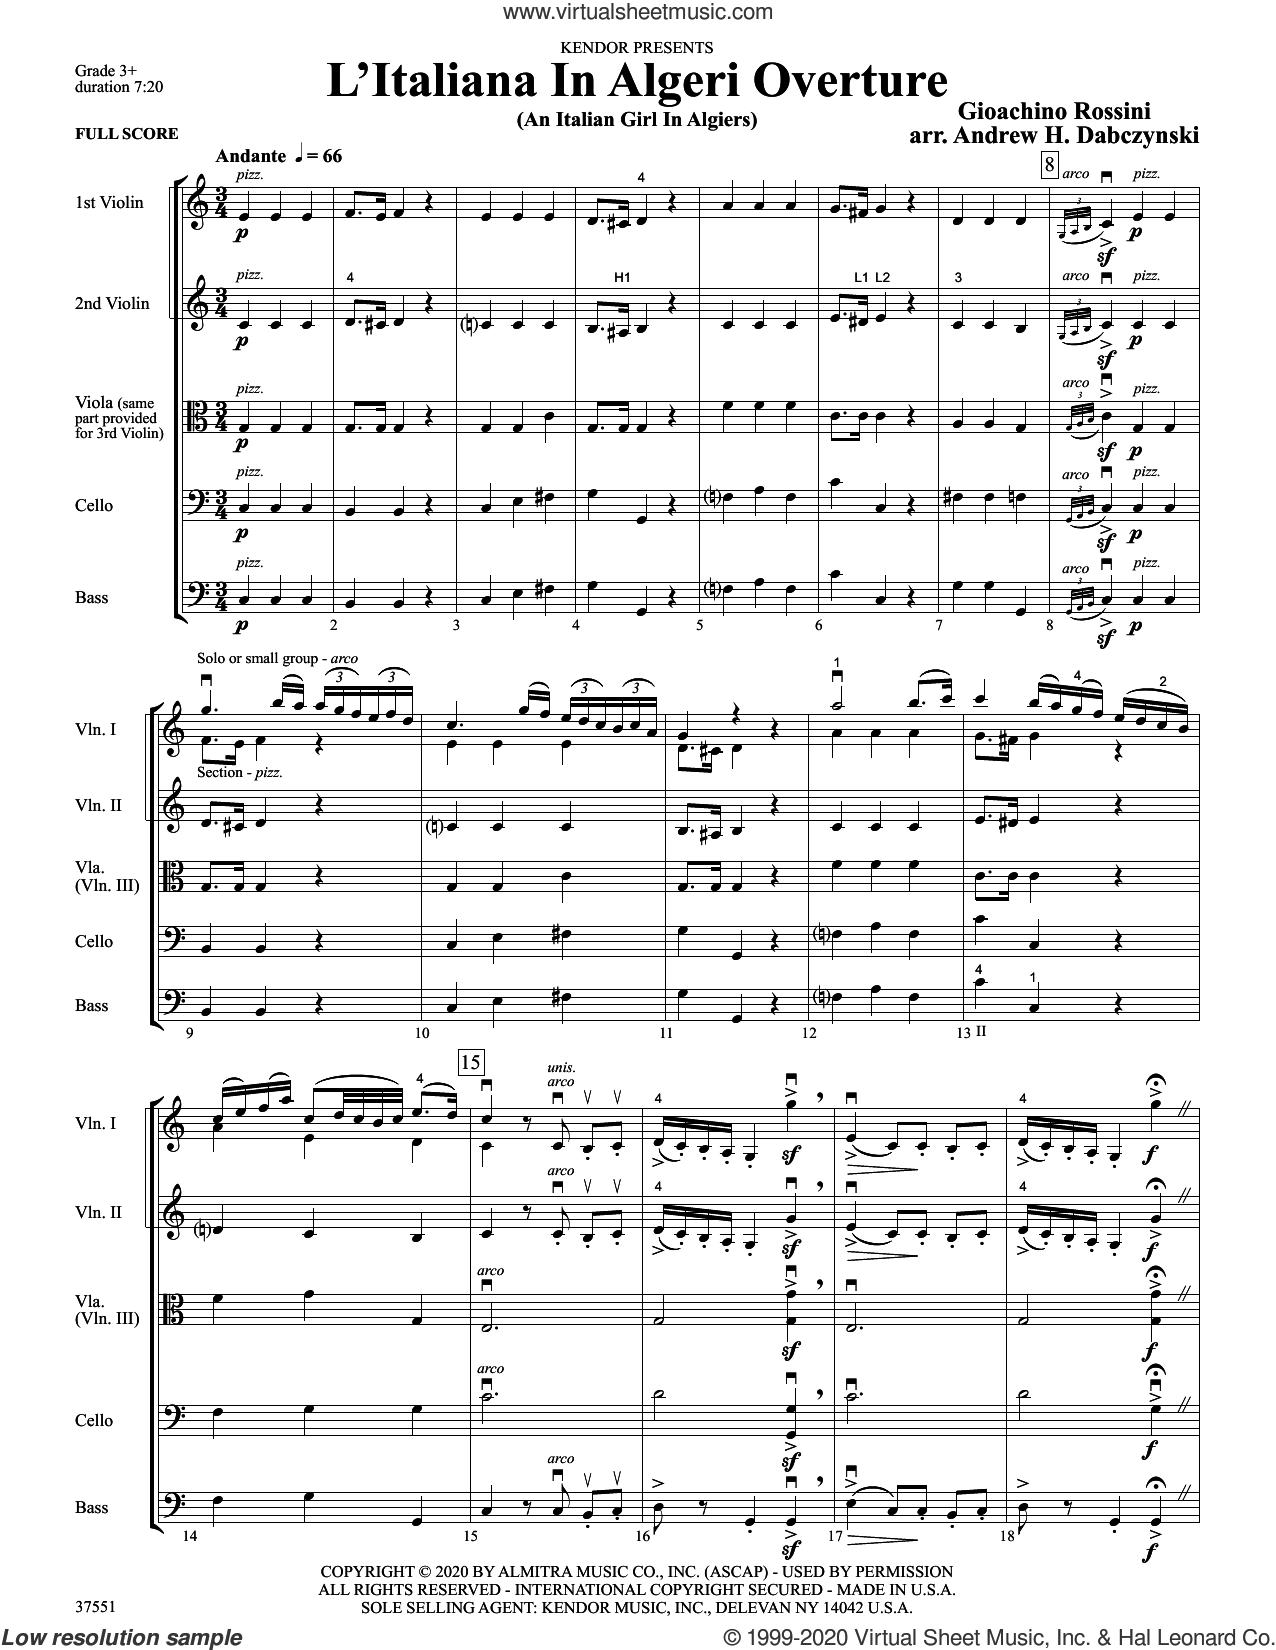 L'italiana In Algeri Overture (an Italian Girl In Algiers) (arr. Andrew Dabczynski) (COMPLETE) sheet music for orchestra by Gioacchino Rossini and Andrew Dabczynski, classical score, intermediate skill level